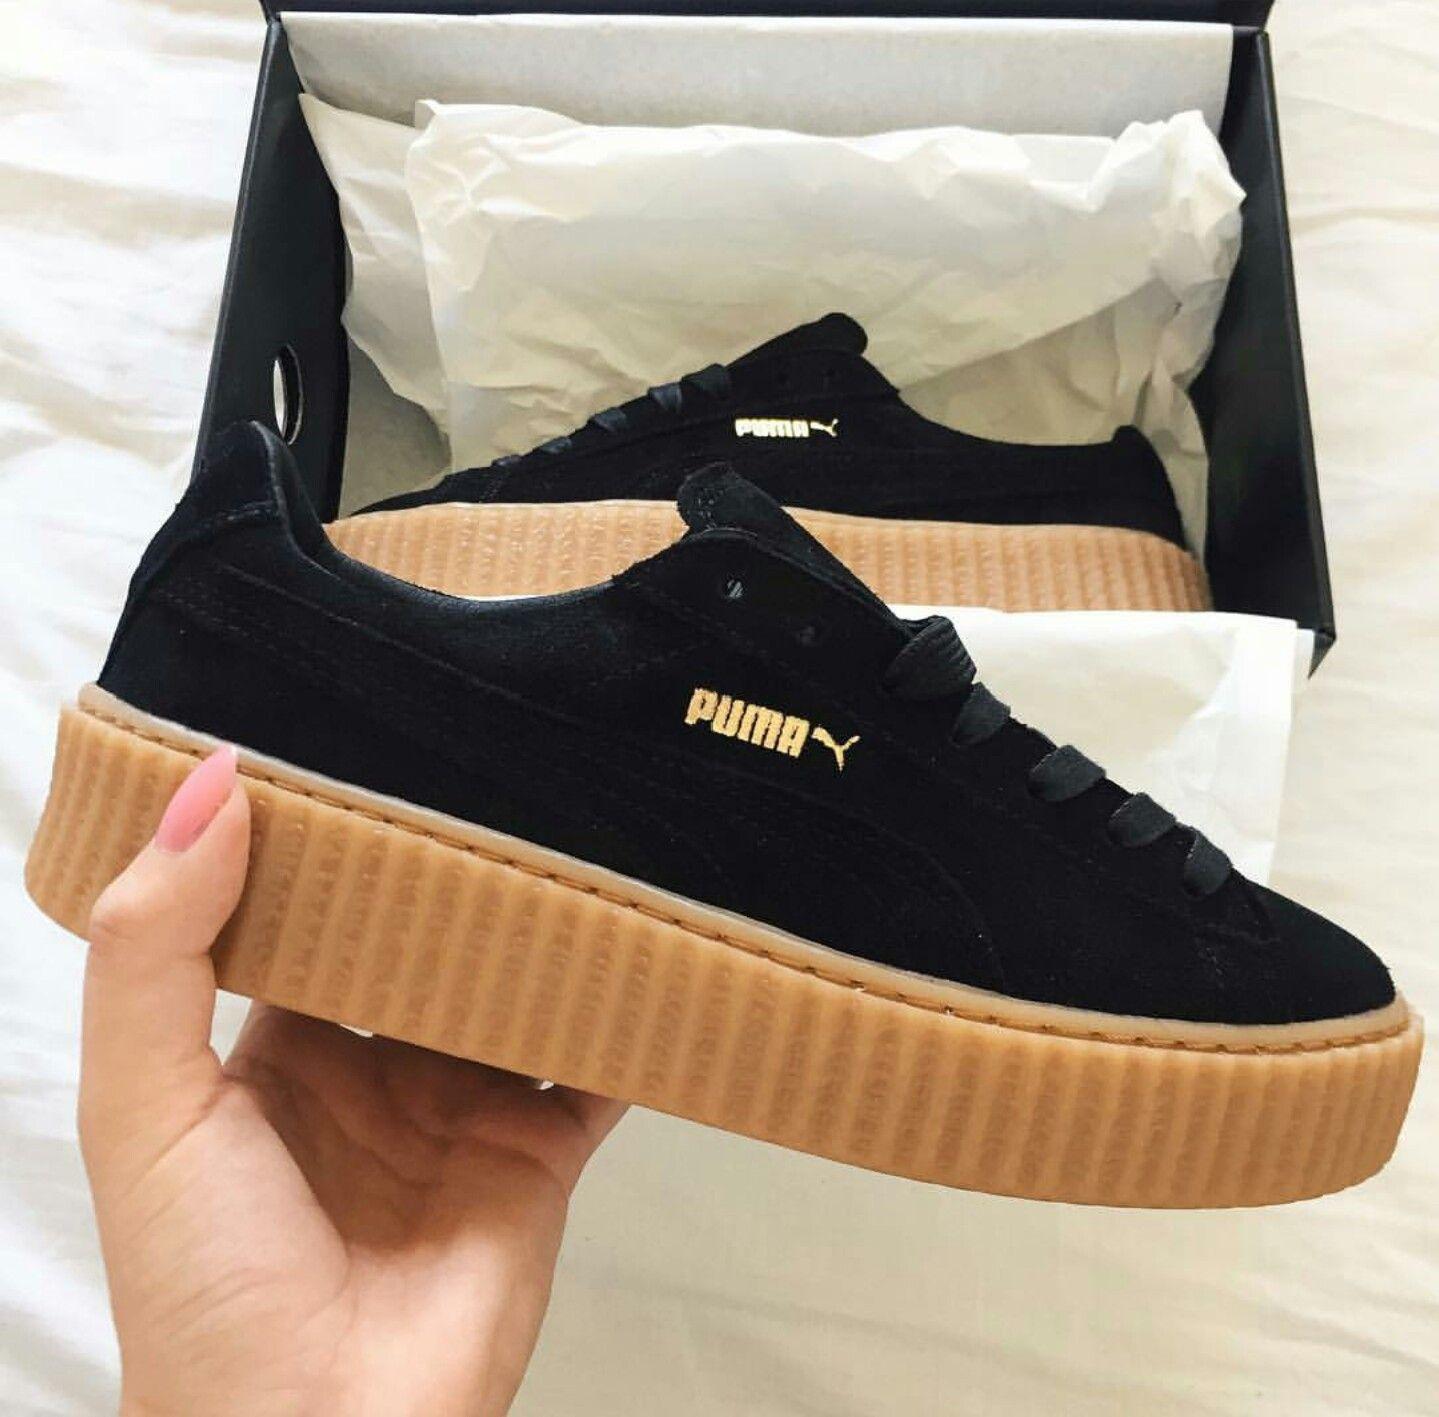 Tênis tumblr❤ | Sapatos femininos pretos, Tenis feminino